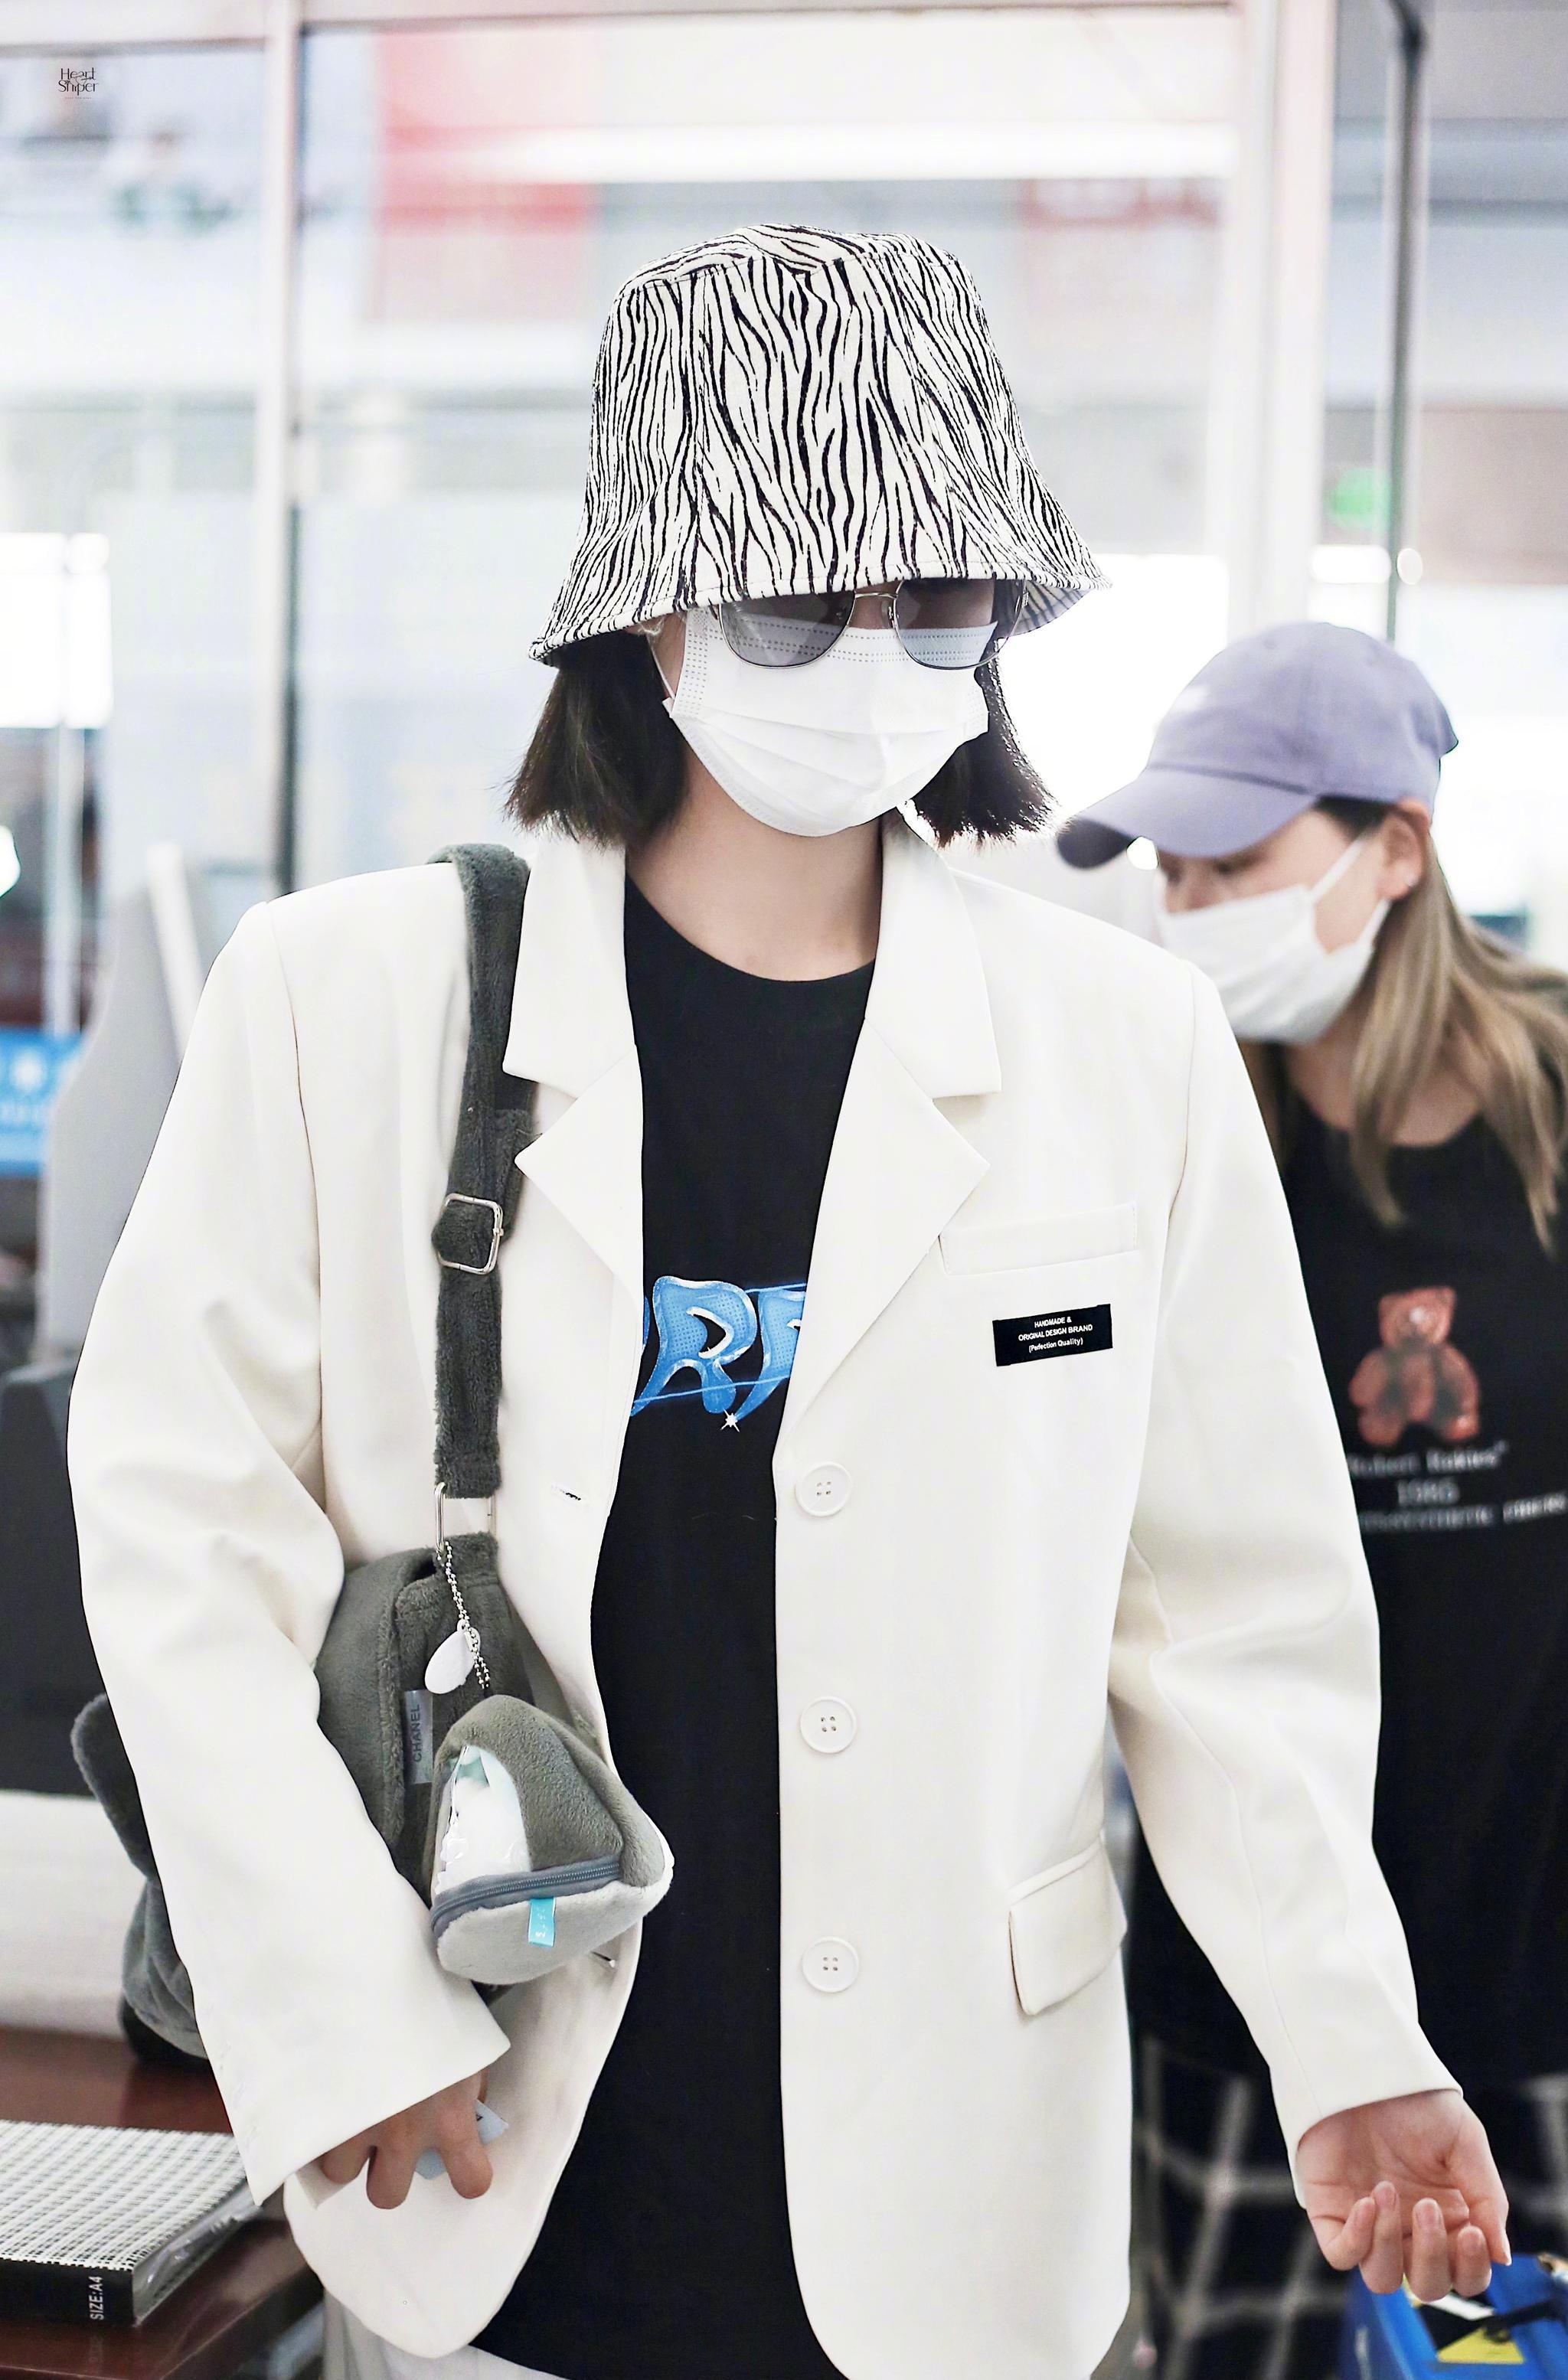 许佳琪义乌✈️北京饭拍 渔夫帽+白色西装,靓女出街,好!